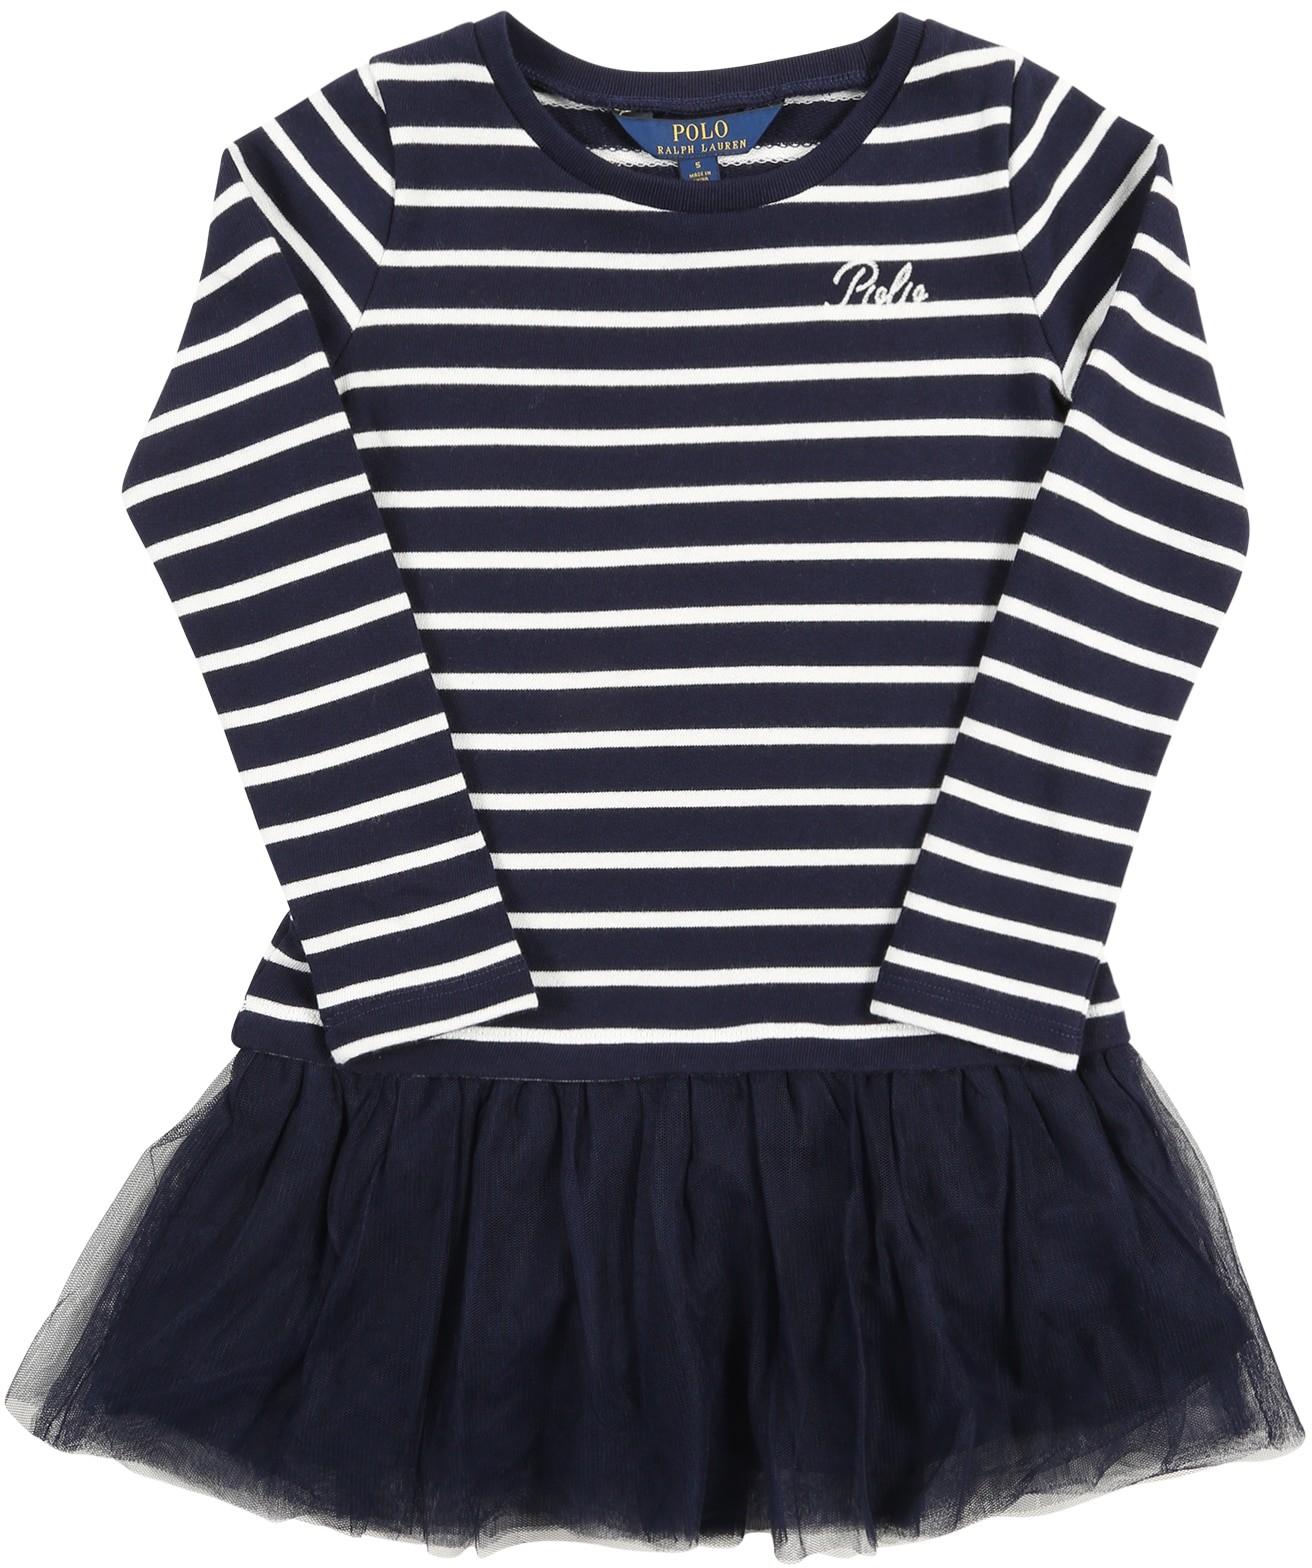 1599254fa5 Cool Club Sukienka bez rękawów rozmiar 122 - opinie użytkowników ...